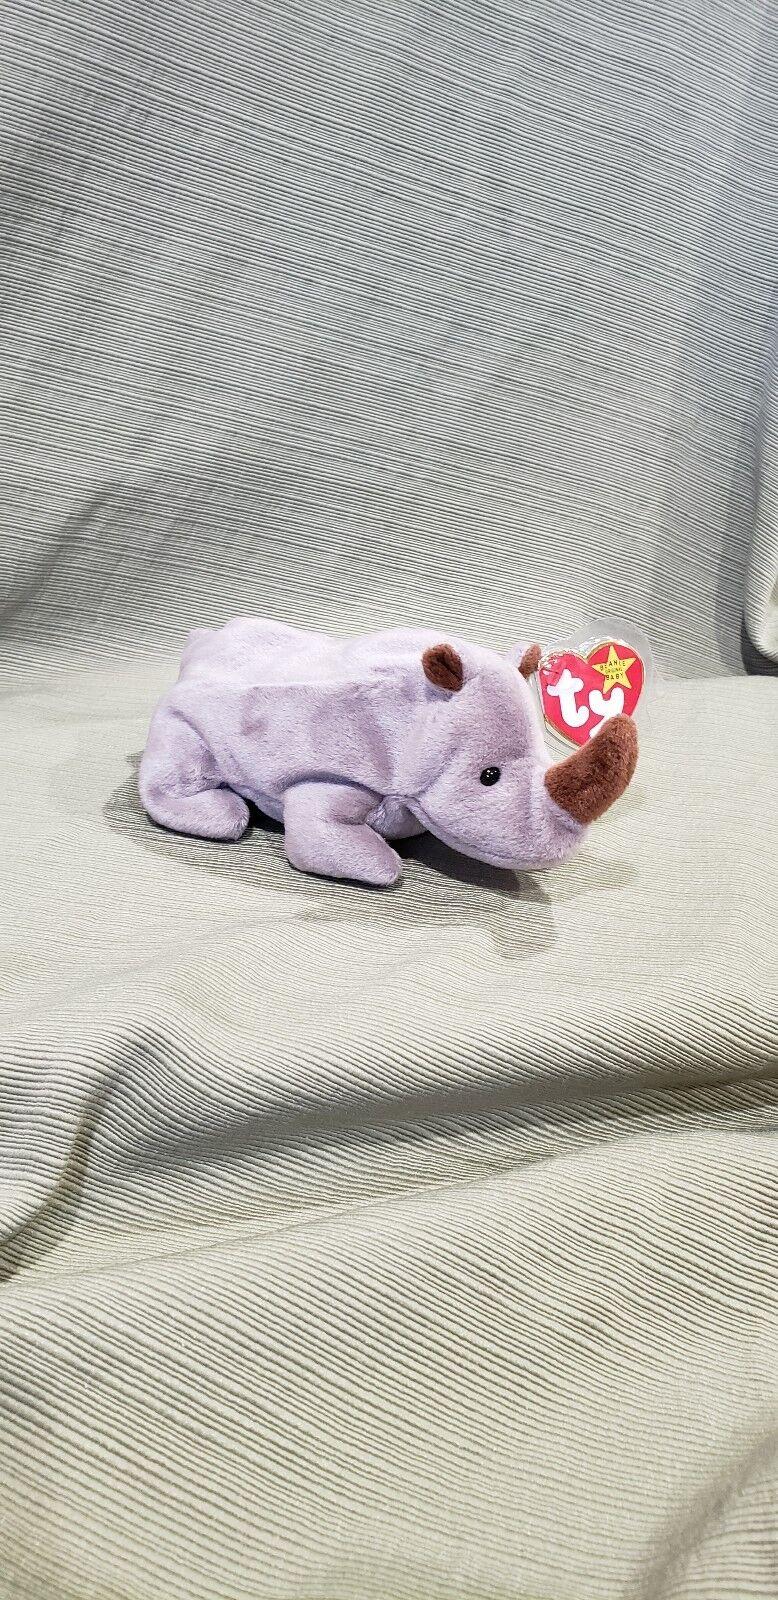 Ty Beanie Baby Spike the Rhinoceros w Errors 1996 PVC  Style New  Retired